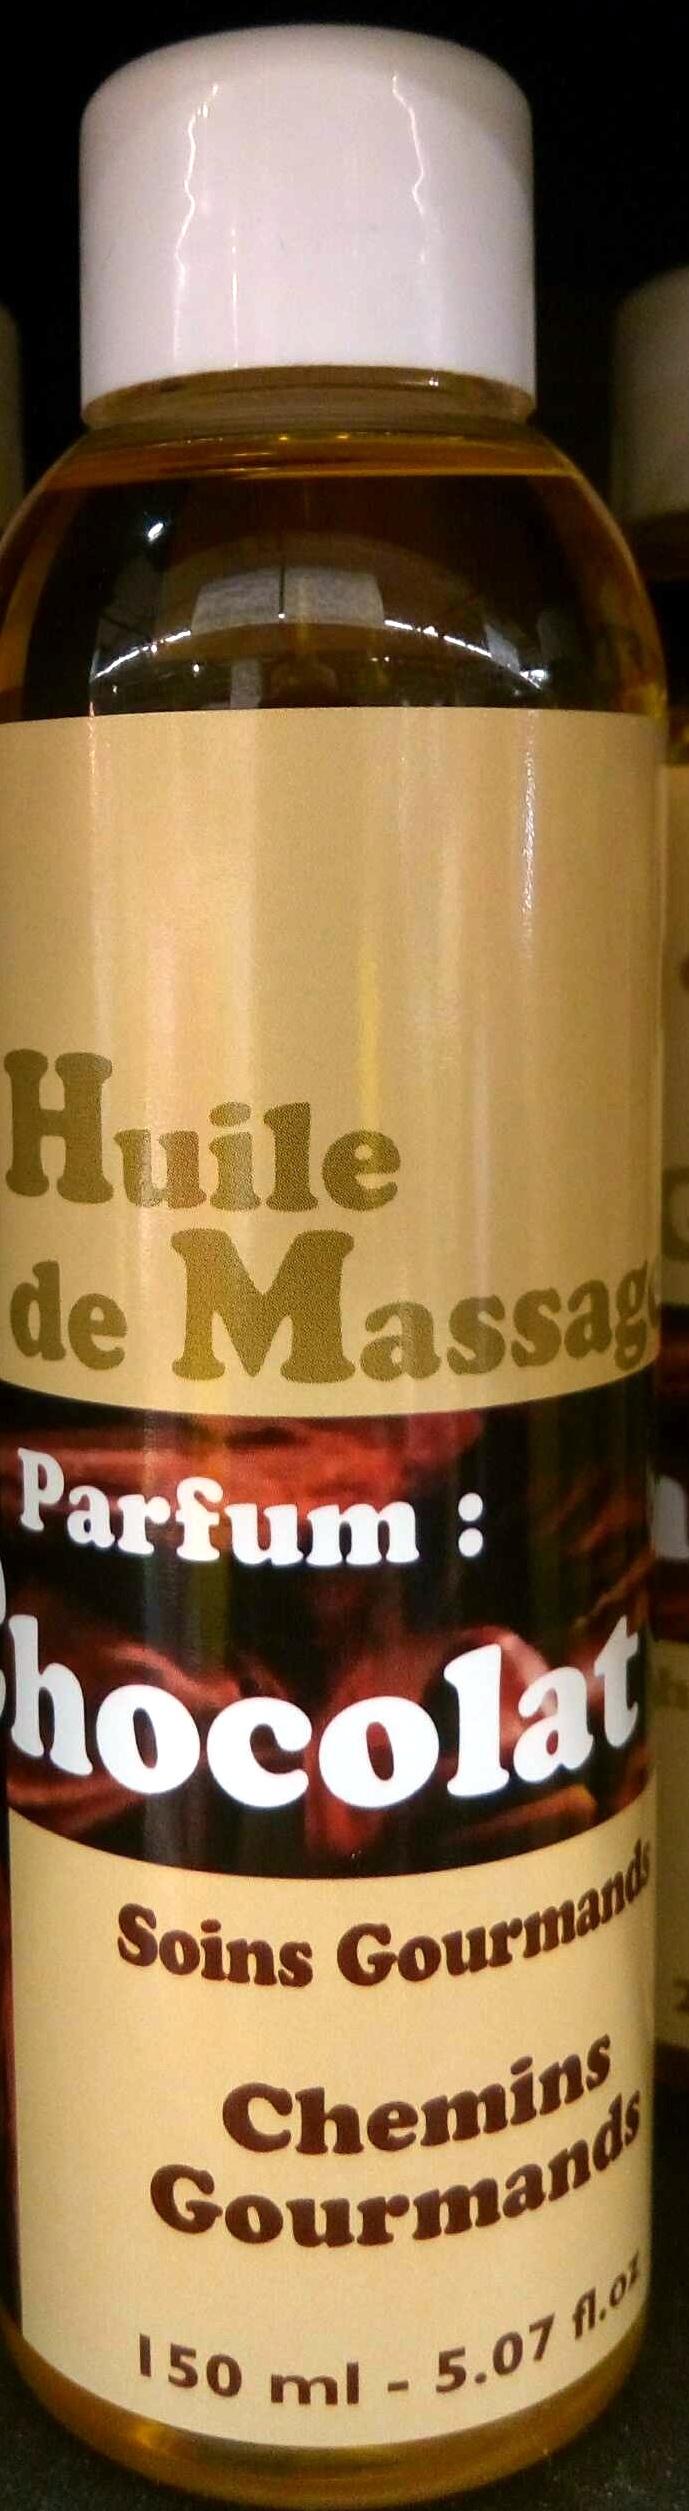 Huile de massage parfum Chocolat - Product - fr